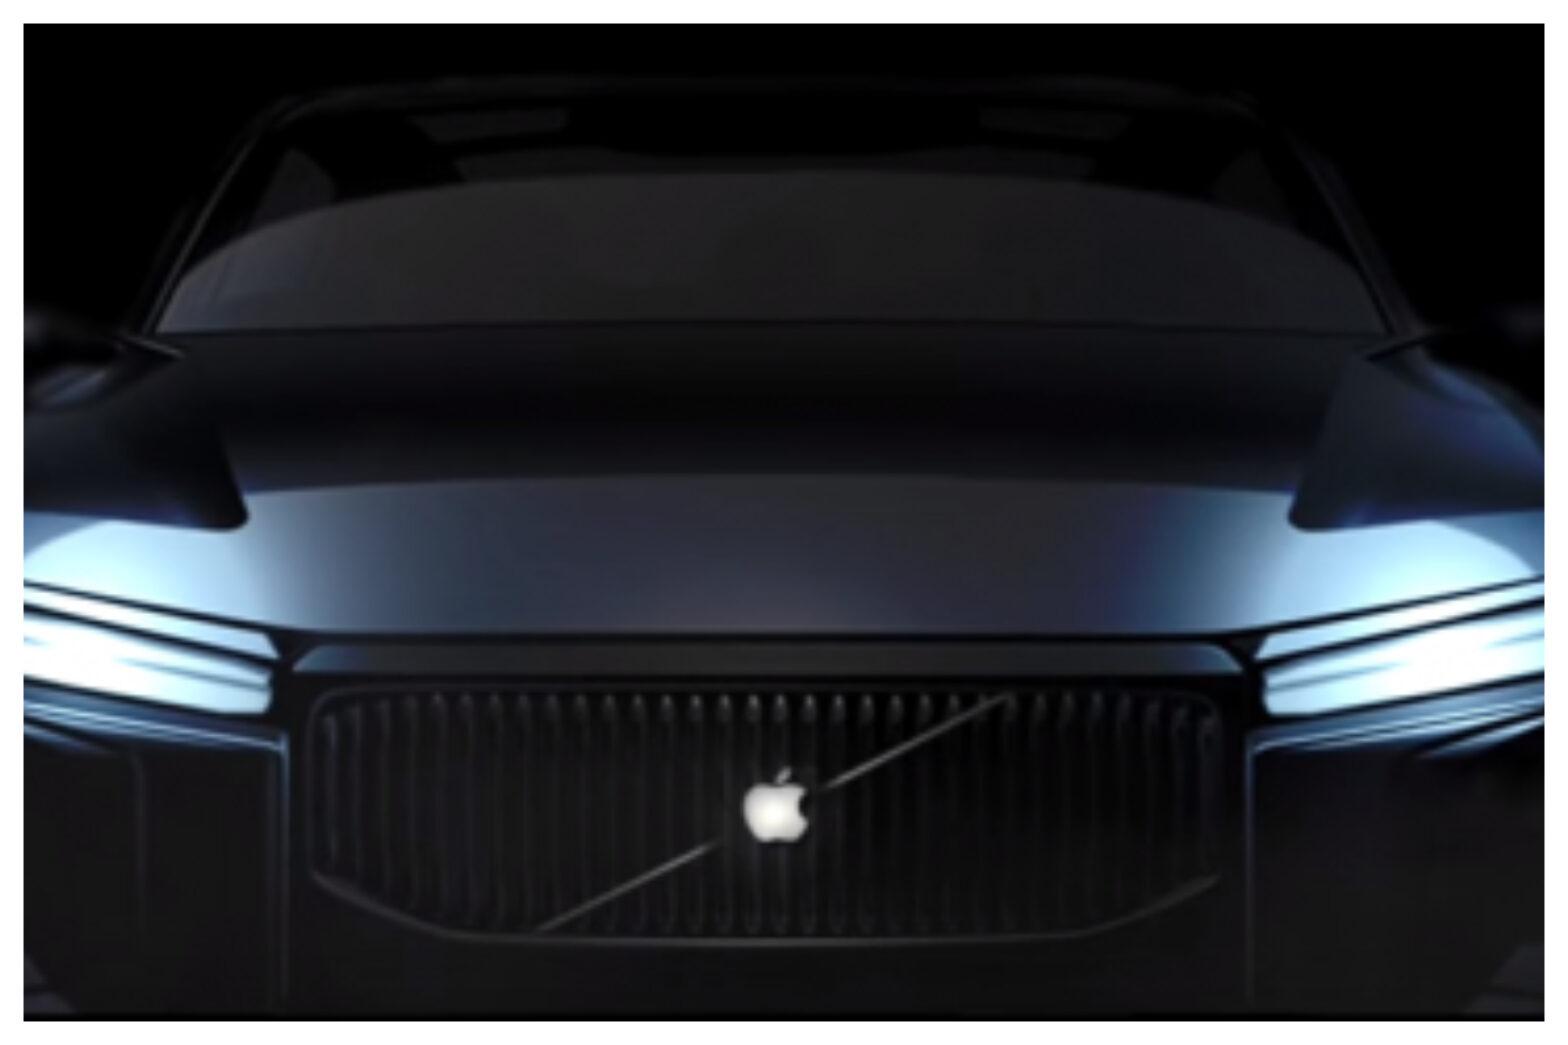 Apple Car最新情報・画像動画まとめ|アップルカー2021年発表か!発売日と価格は?